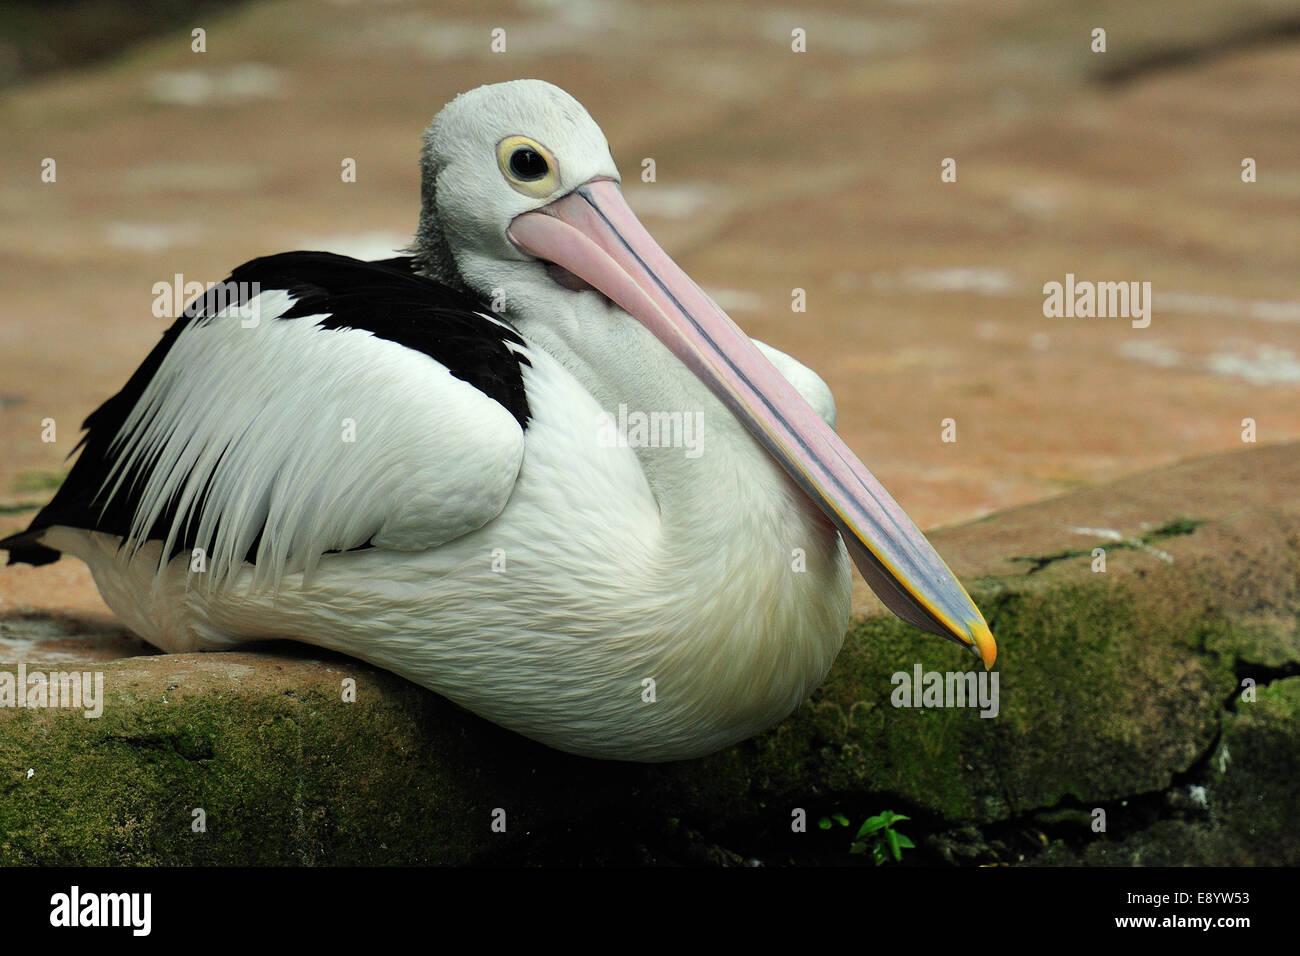 Australian pelican, Pelicanus conspicillatus, Pelecanidae, Bali Birds Park, Indonesia, Asia - Stock Image